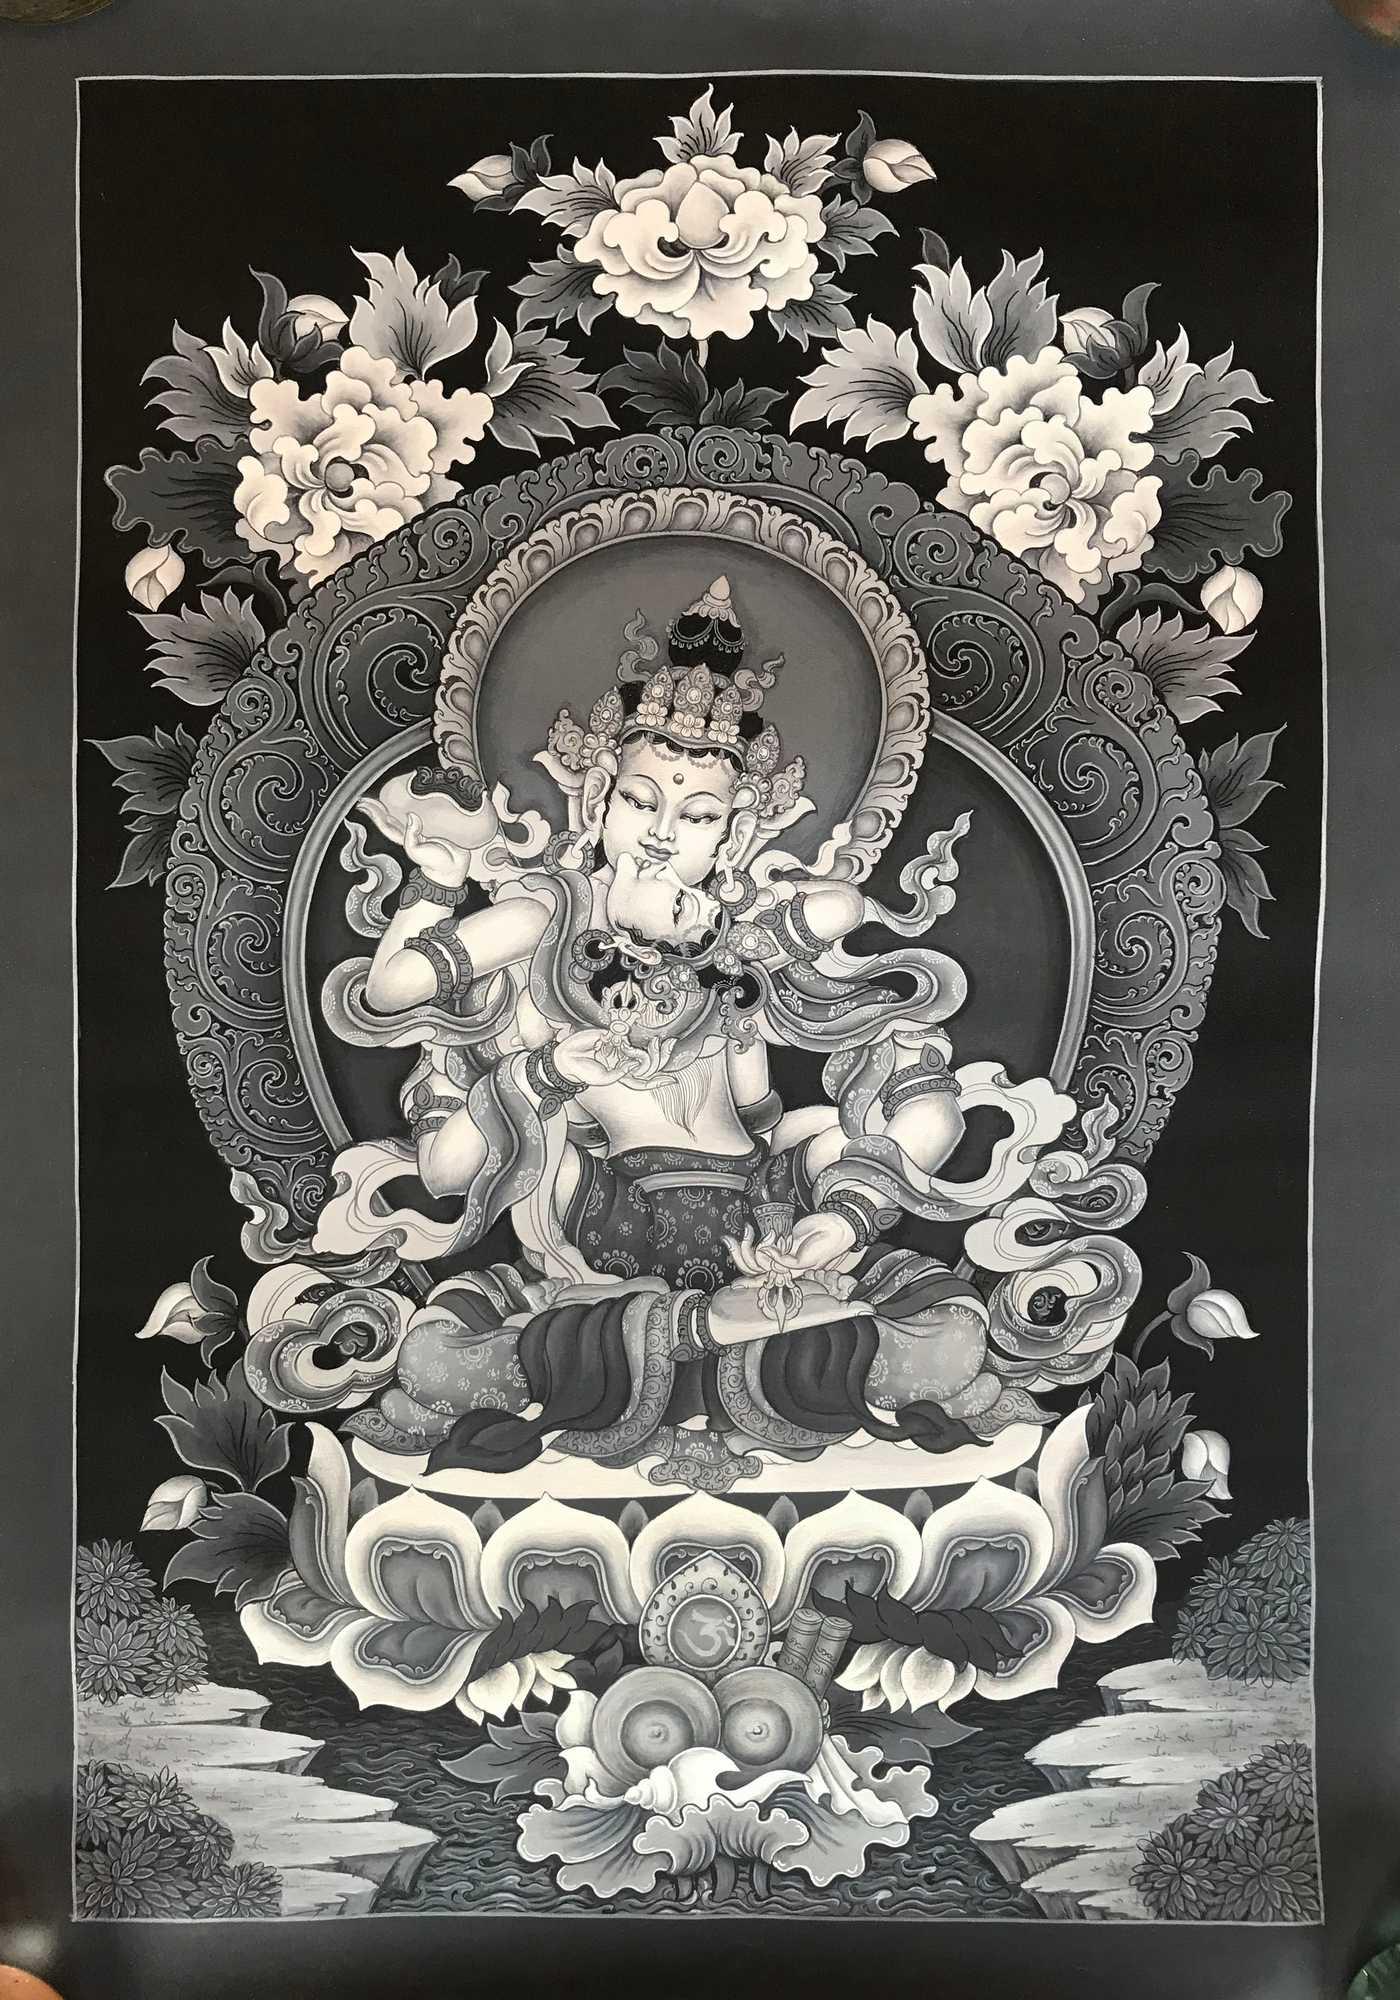 Meditation Thangka - Vajrasattva